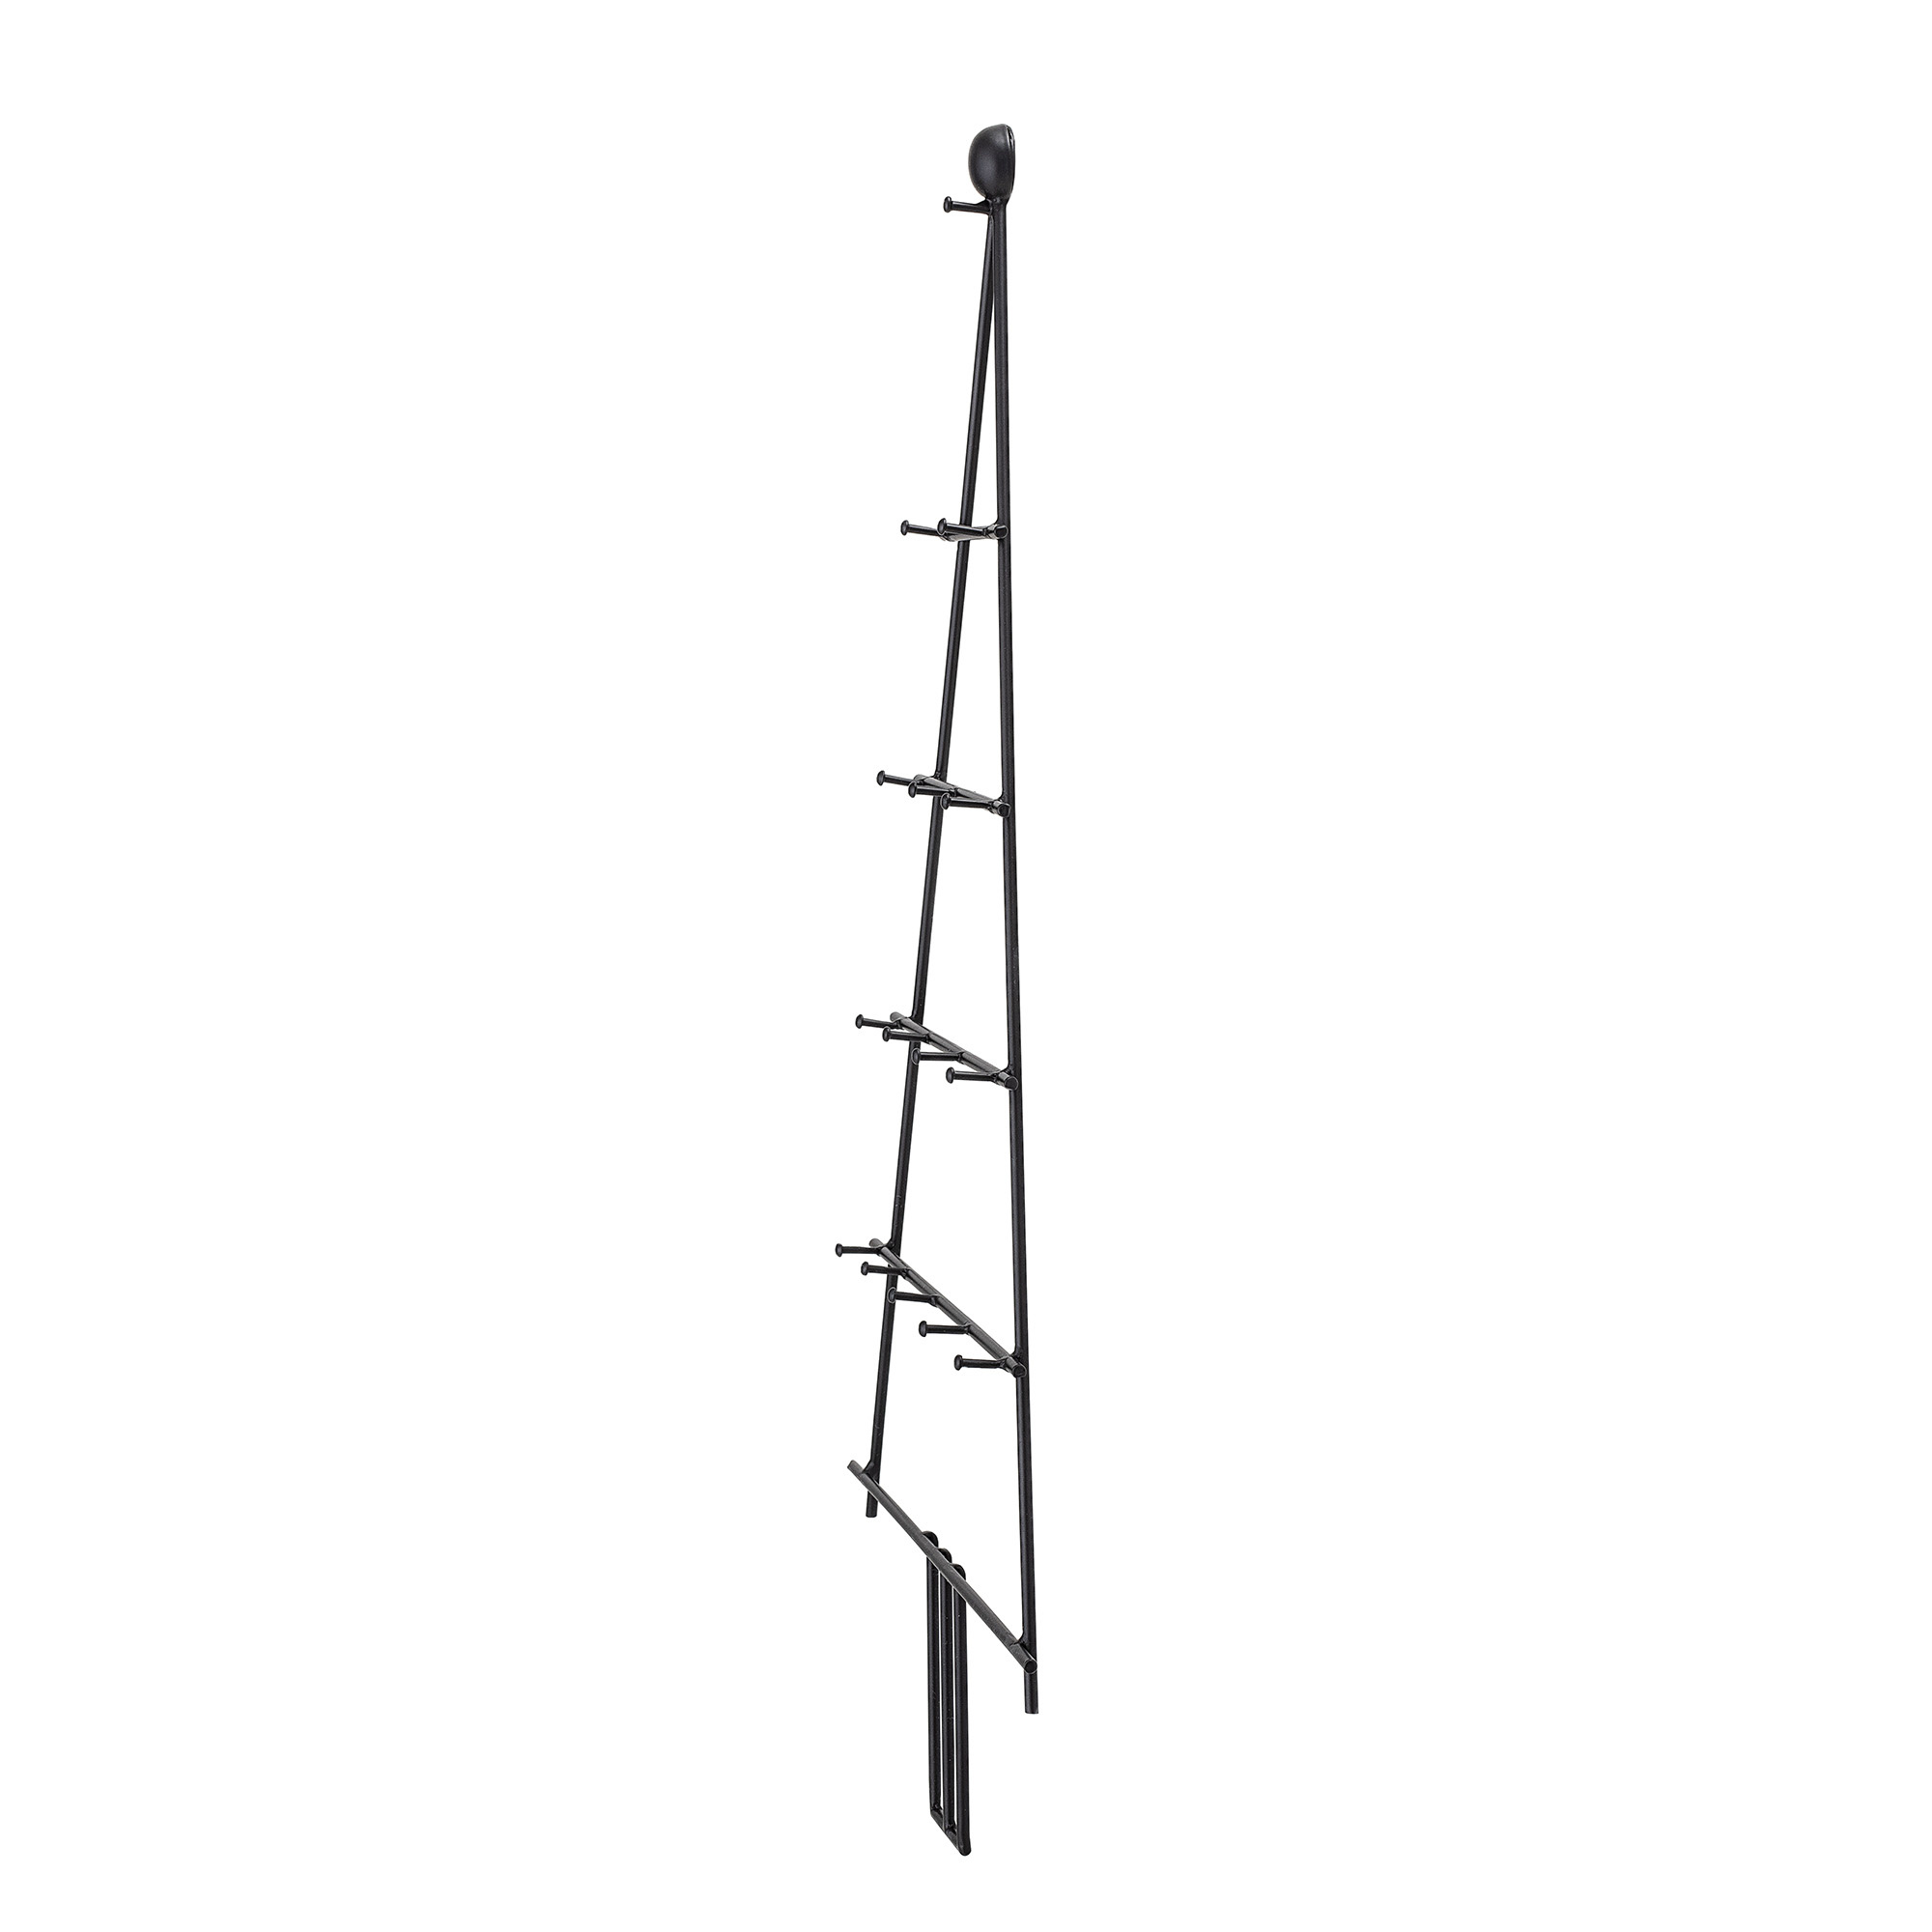 Bloomingville wand deco_zwart_metaal_H67 x W37 cm